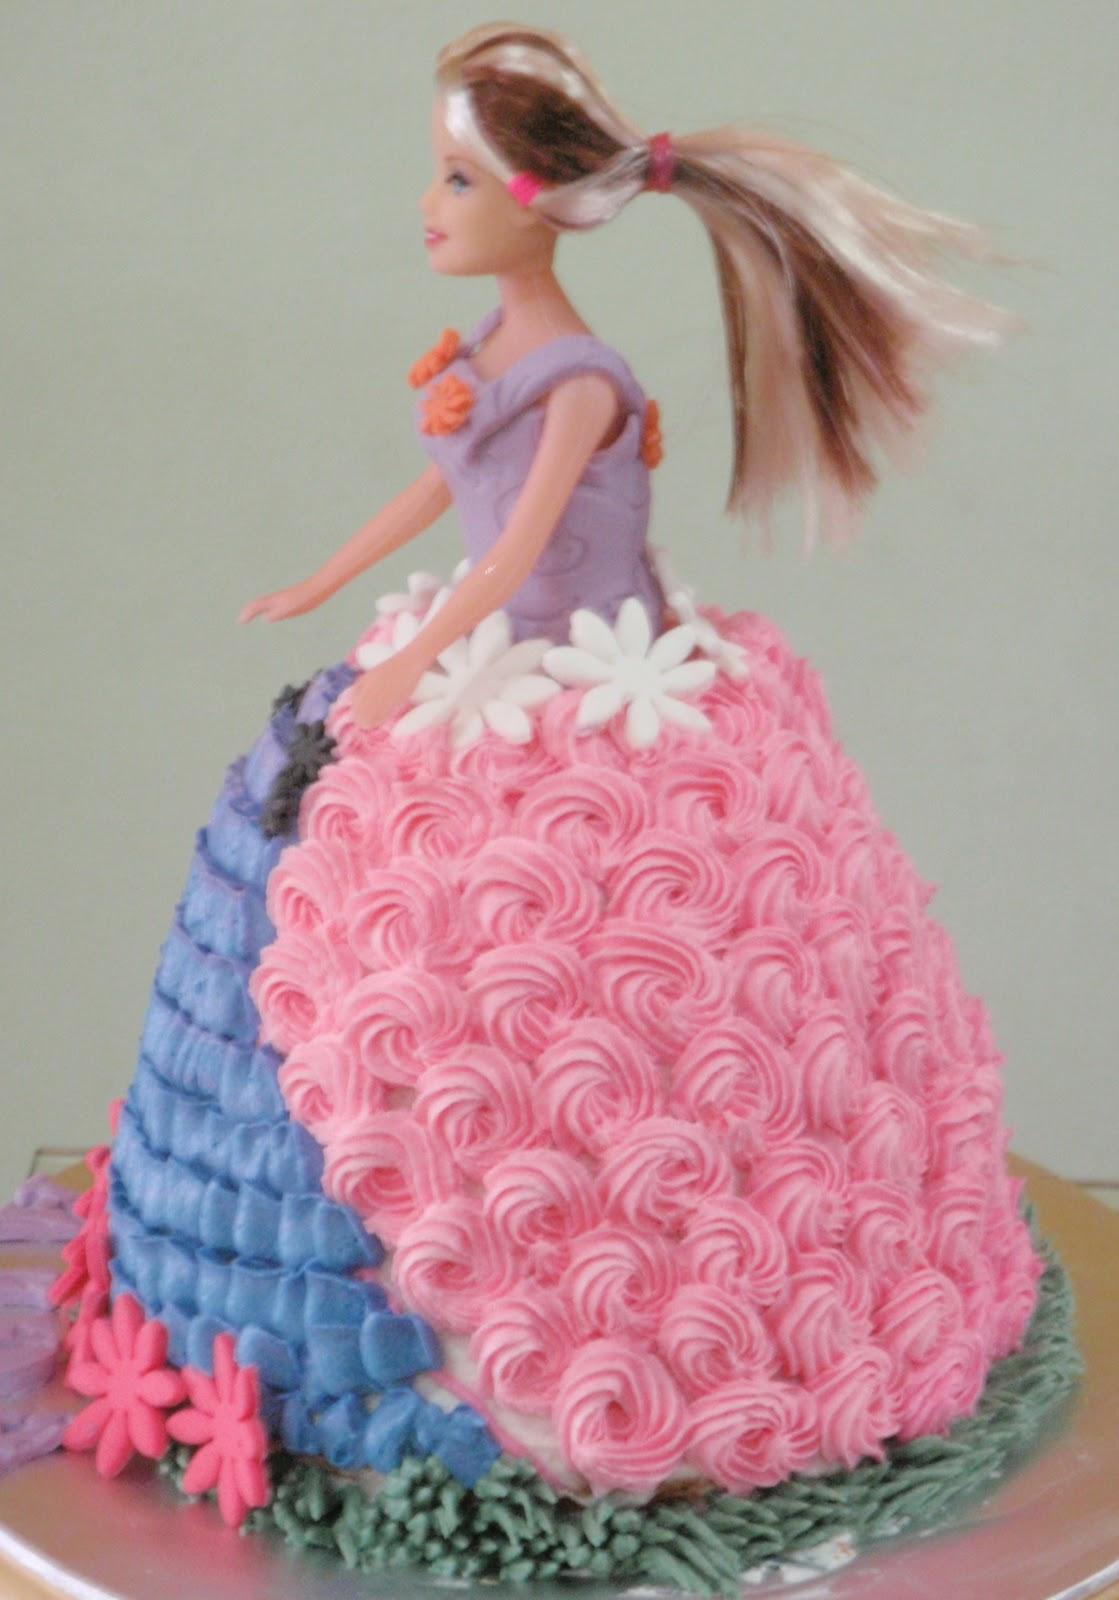 Cake Design Passo A Passo : Passo a Passo de bolo feito com boneca Barbie - Dicas pra ...